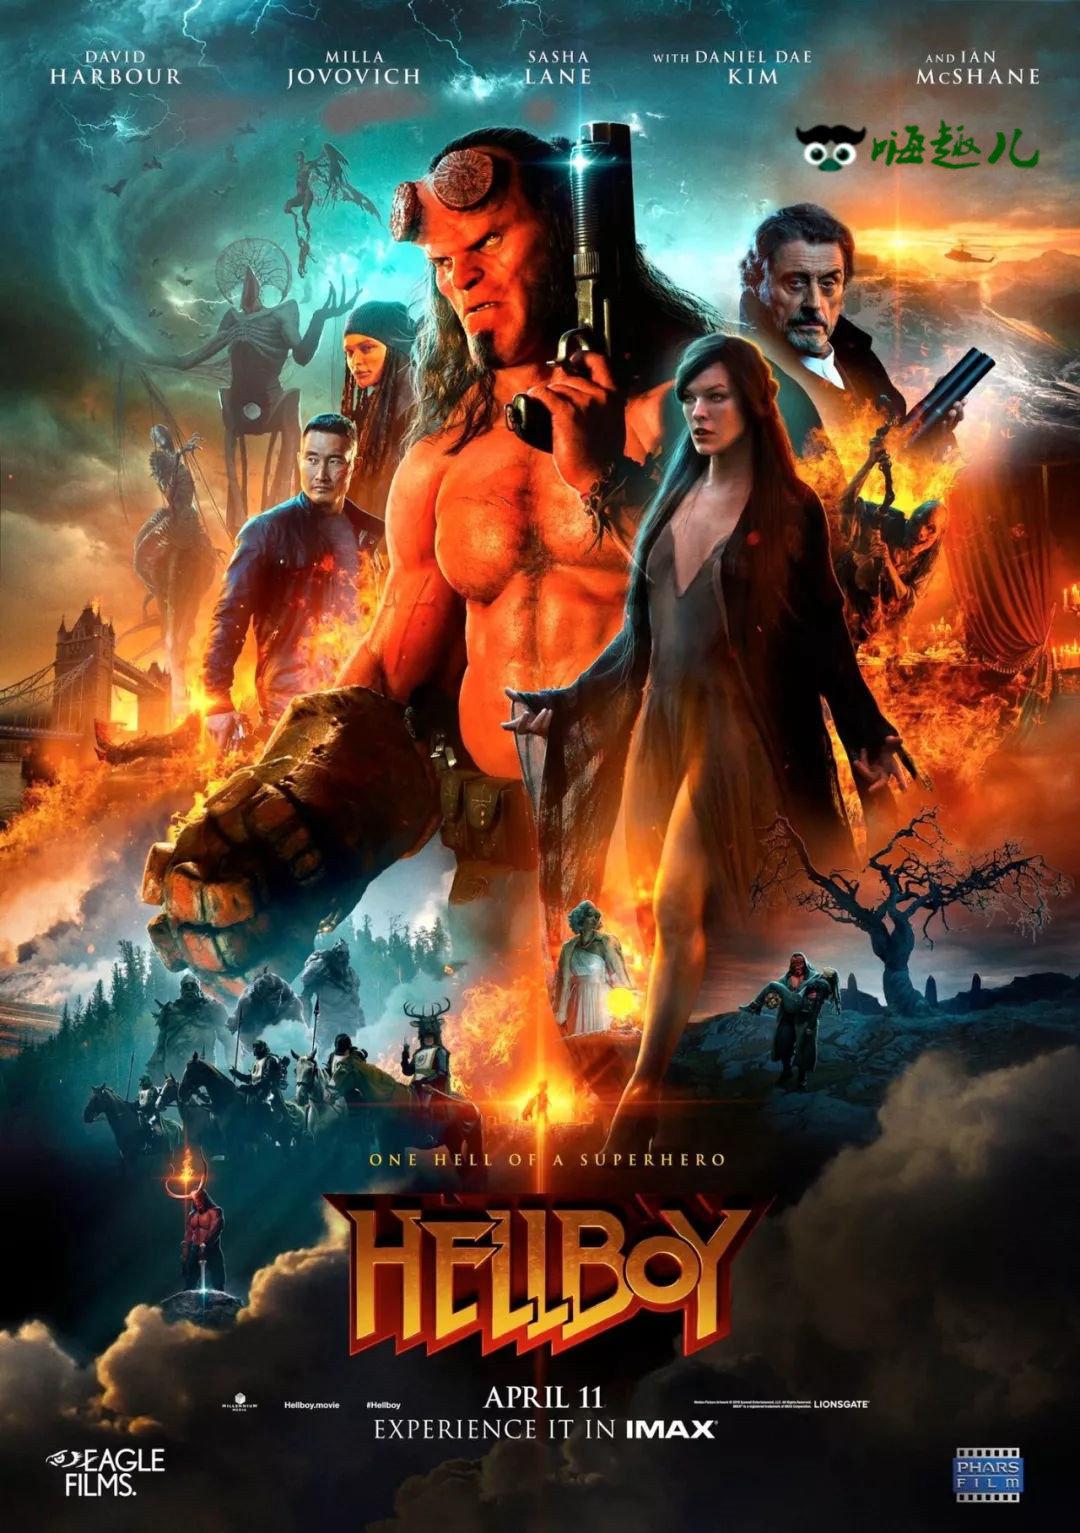 【地狱男爵:血皇后崛起】从地下爬出的巨型怪兽们残忍虐杀人类 有人来拯救他们吗? 福利吧 第3张